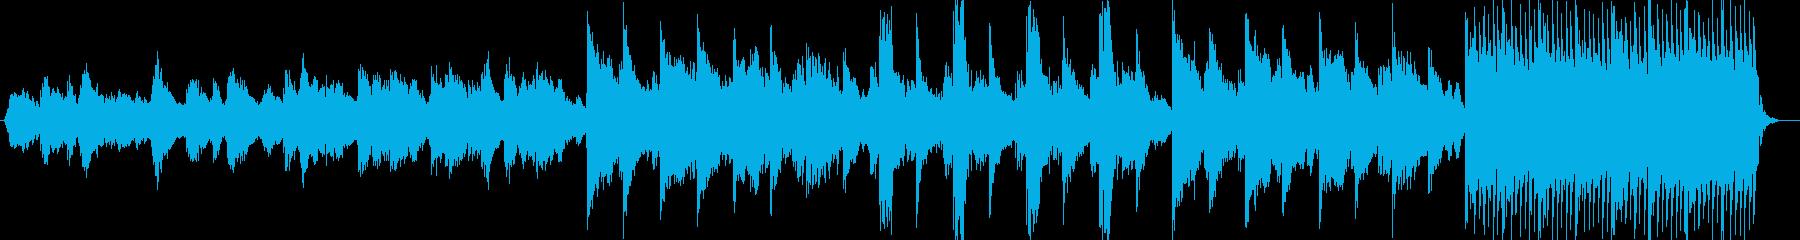 透明感と神秘的なシンセサイザーサウンドの再生済みの波形